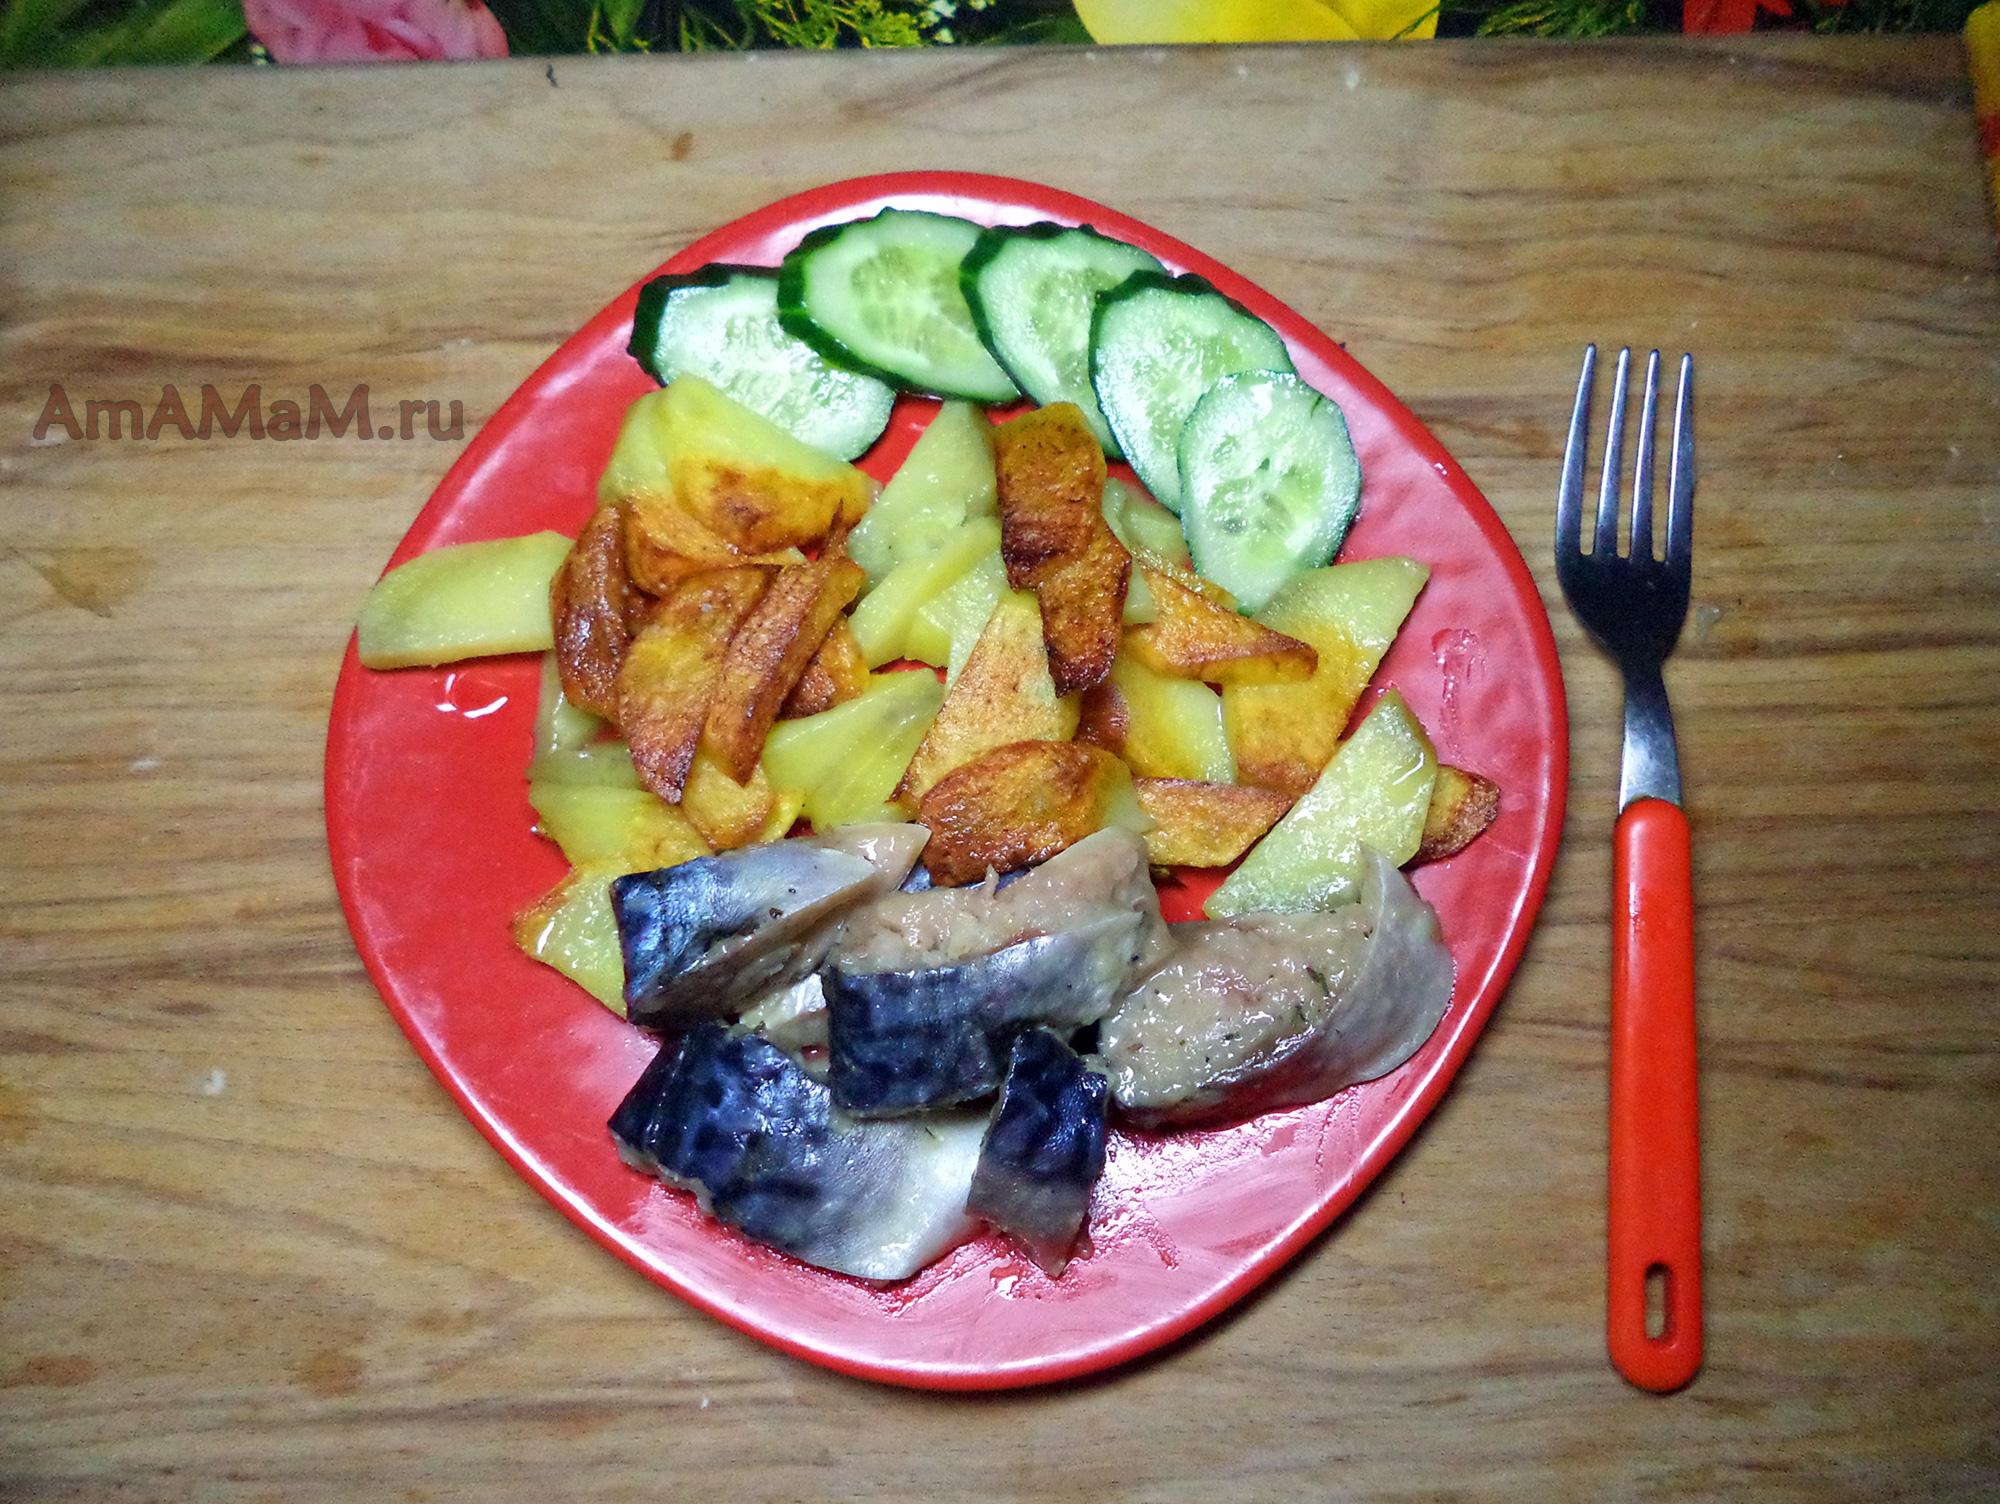 рецепт засолки салата из огурцов и помидоров